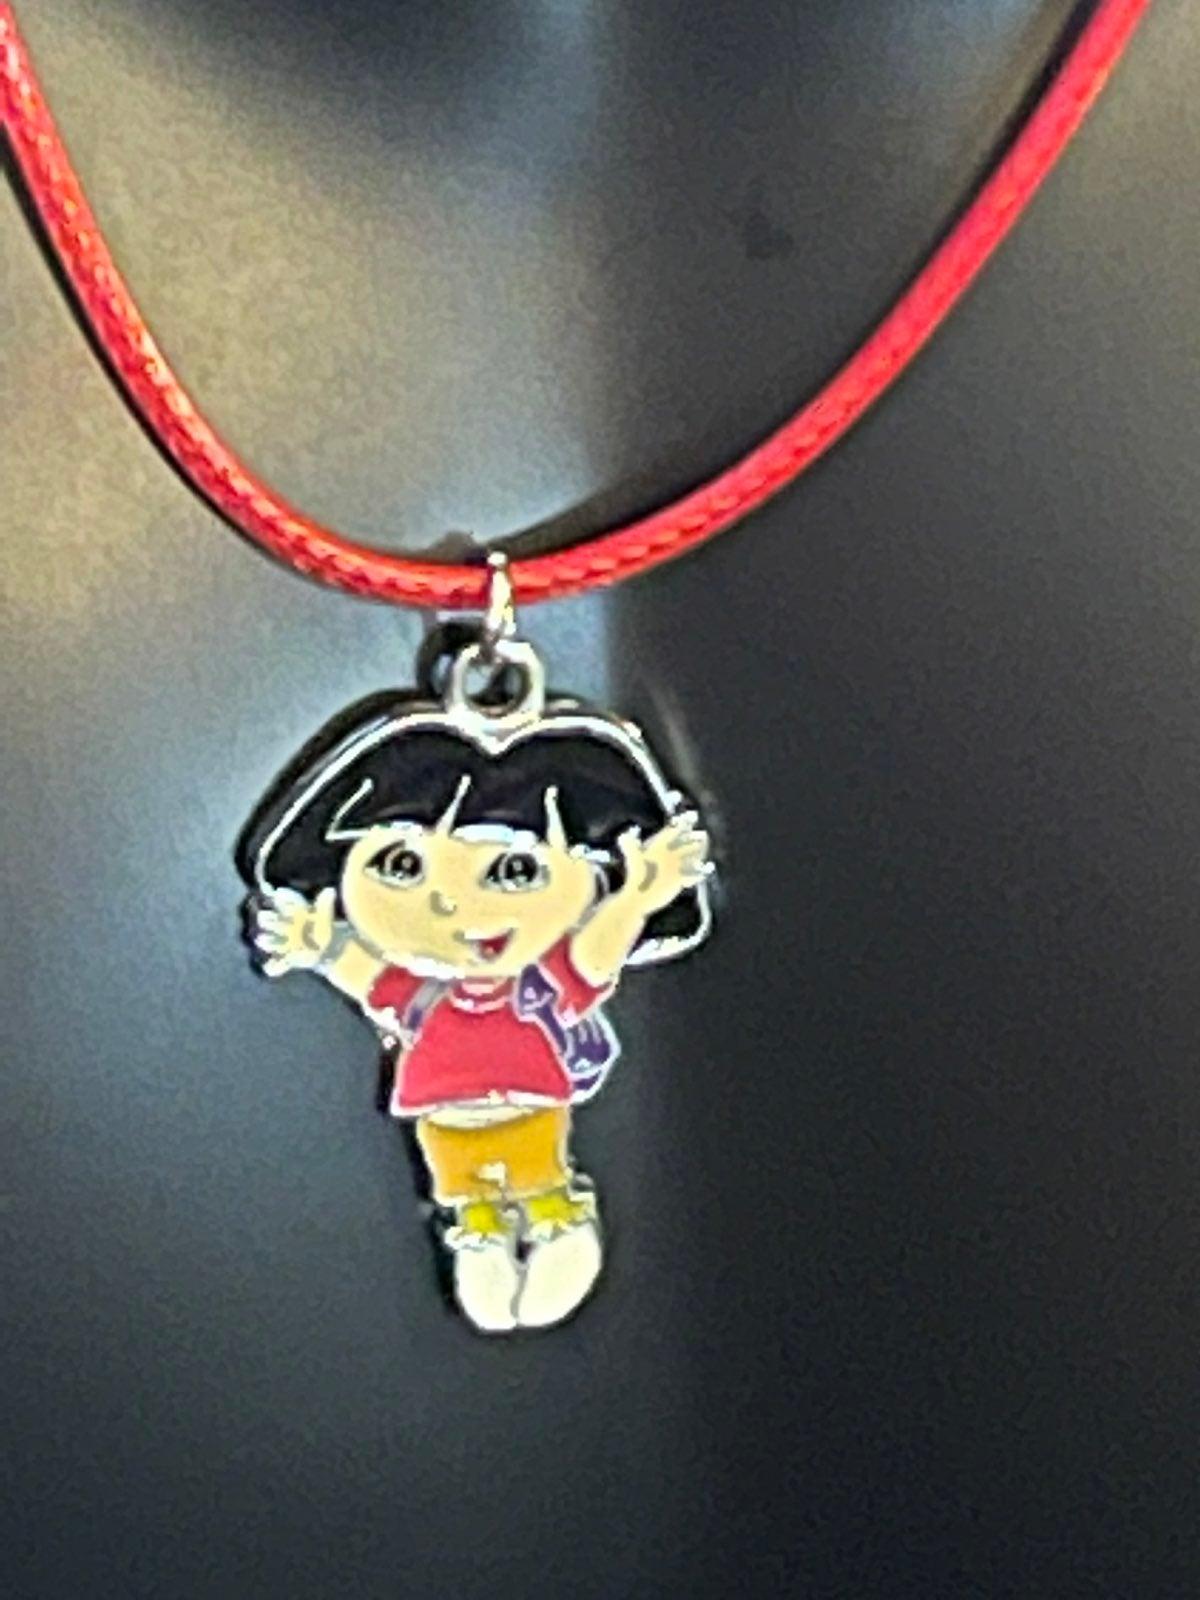 Dora the Explorer Necklace